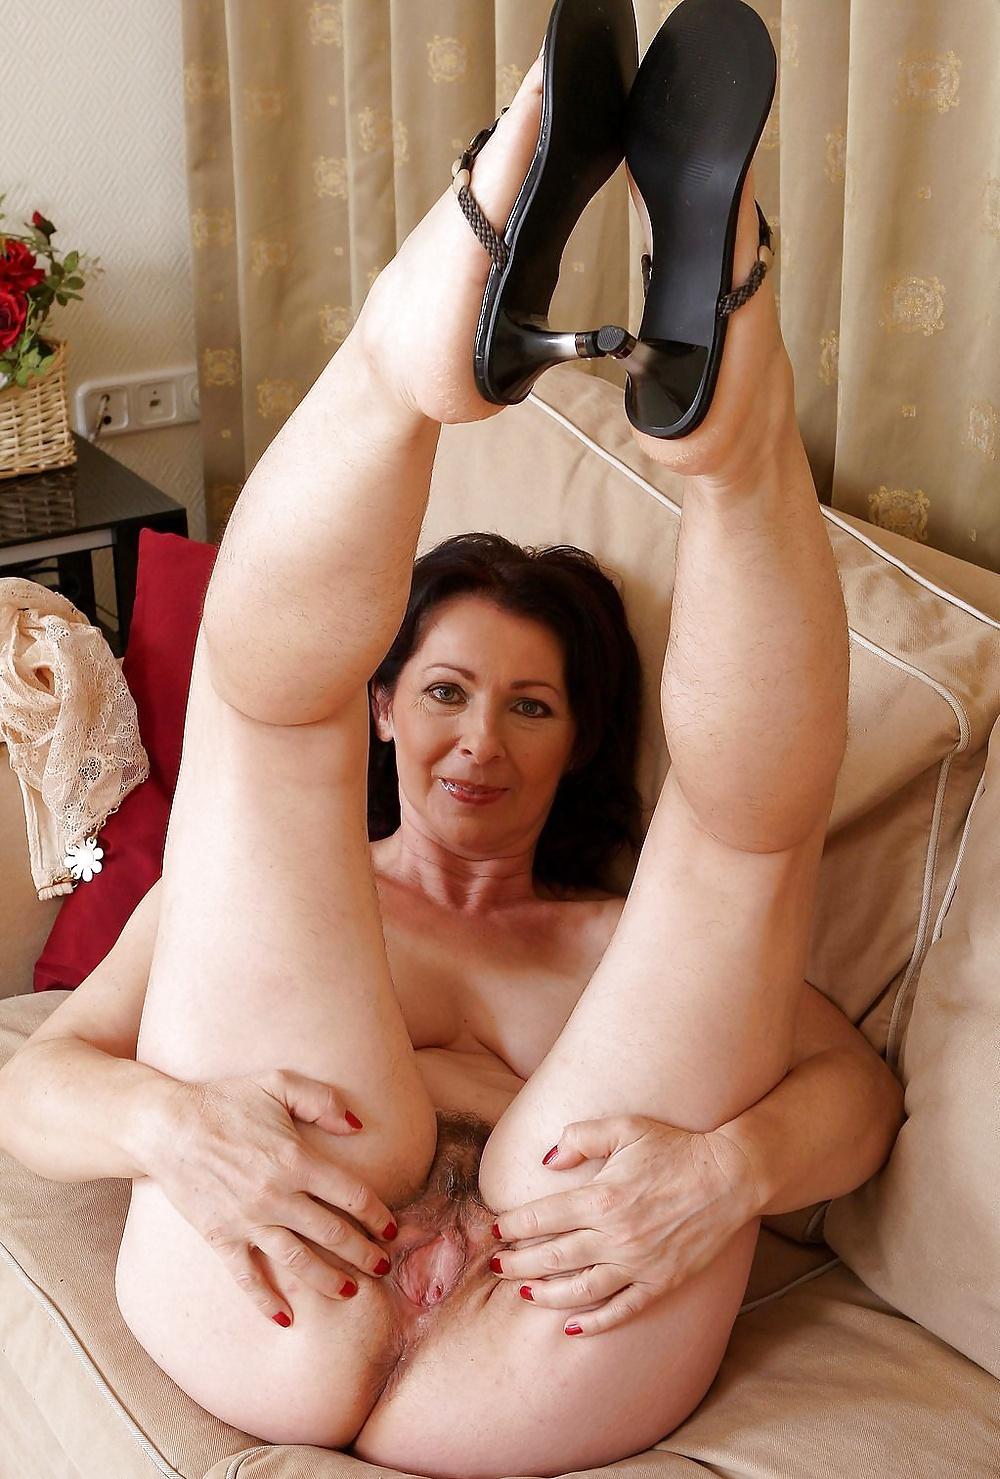 порно фото женщин под сорок хорошеньких - 14